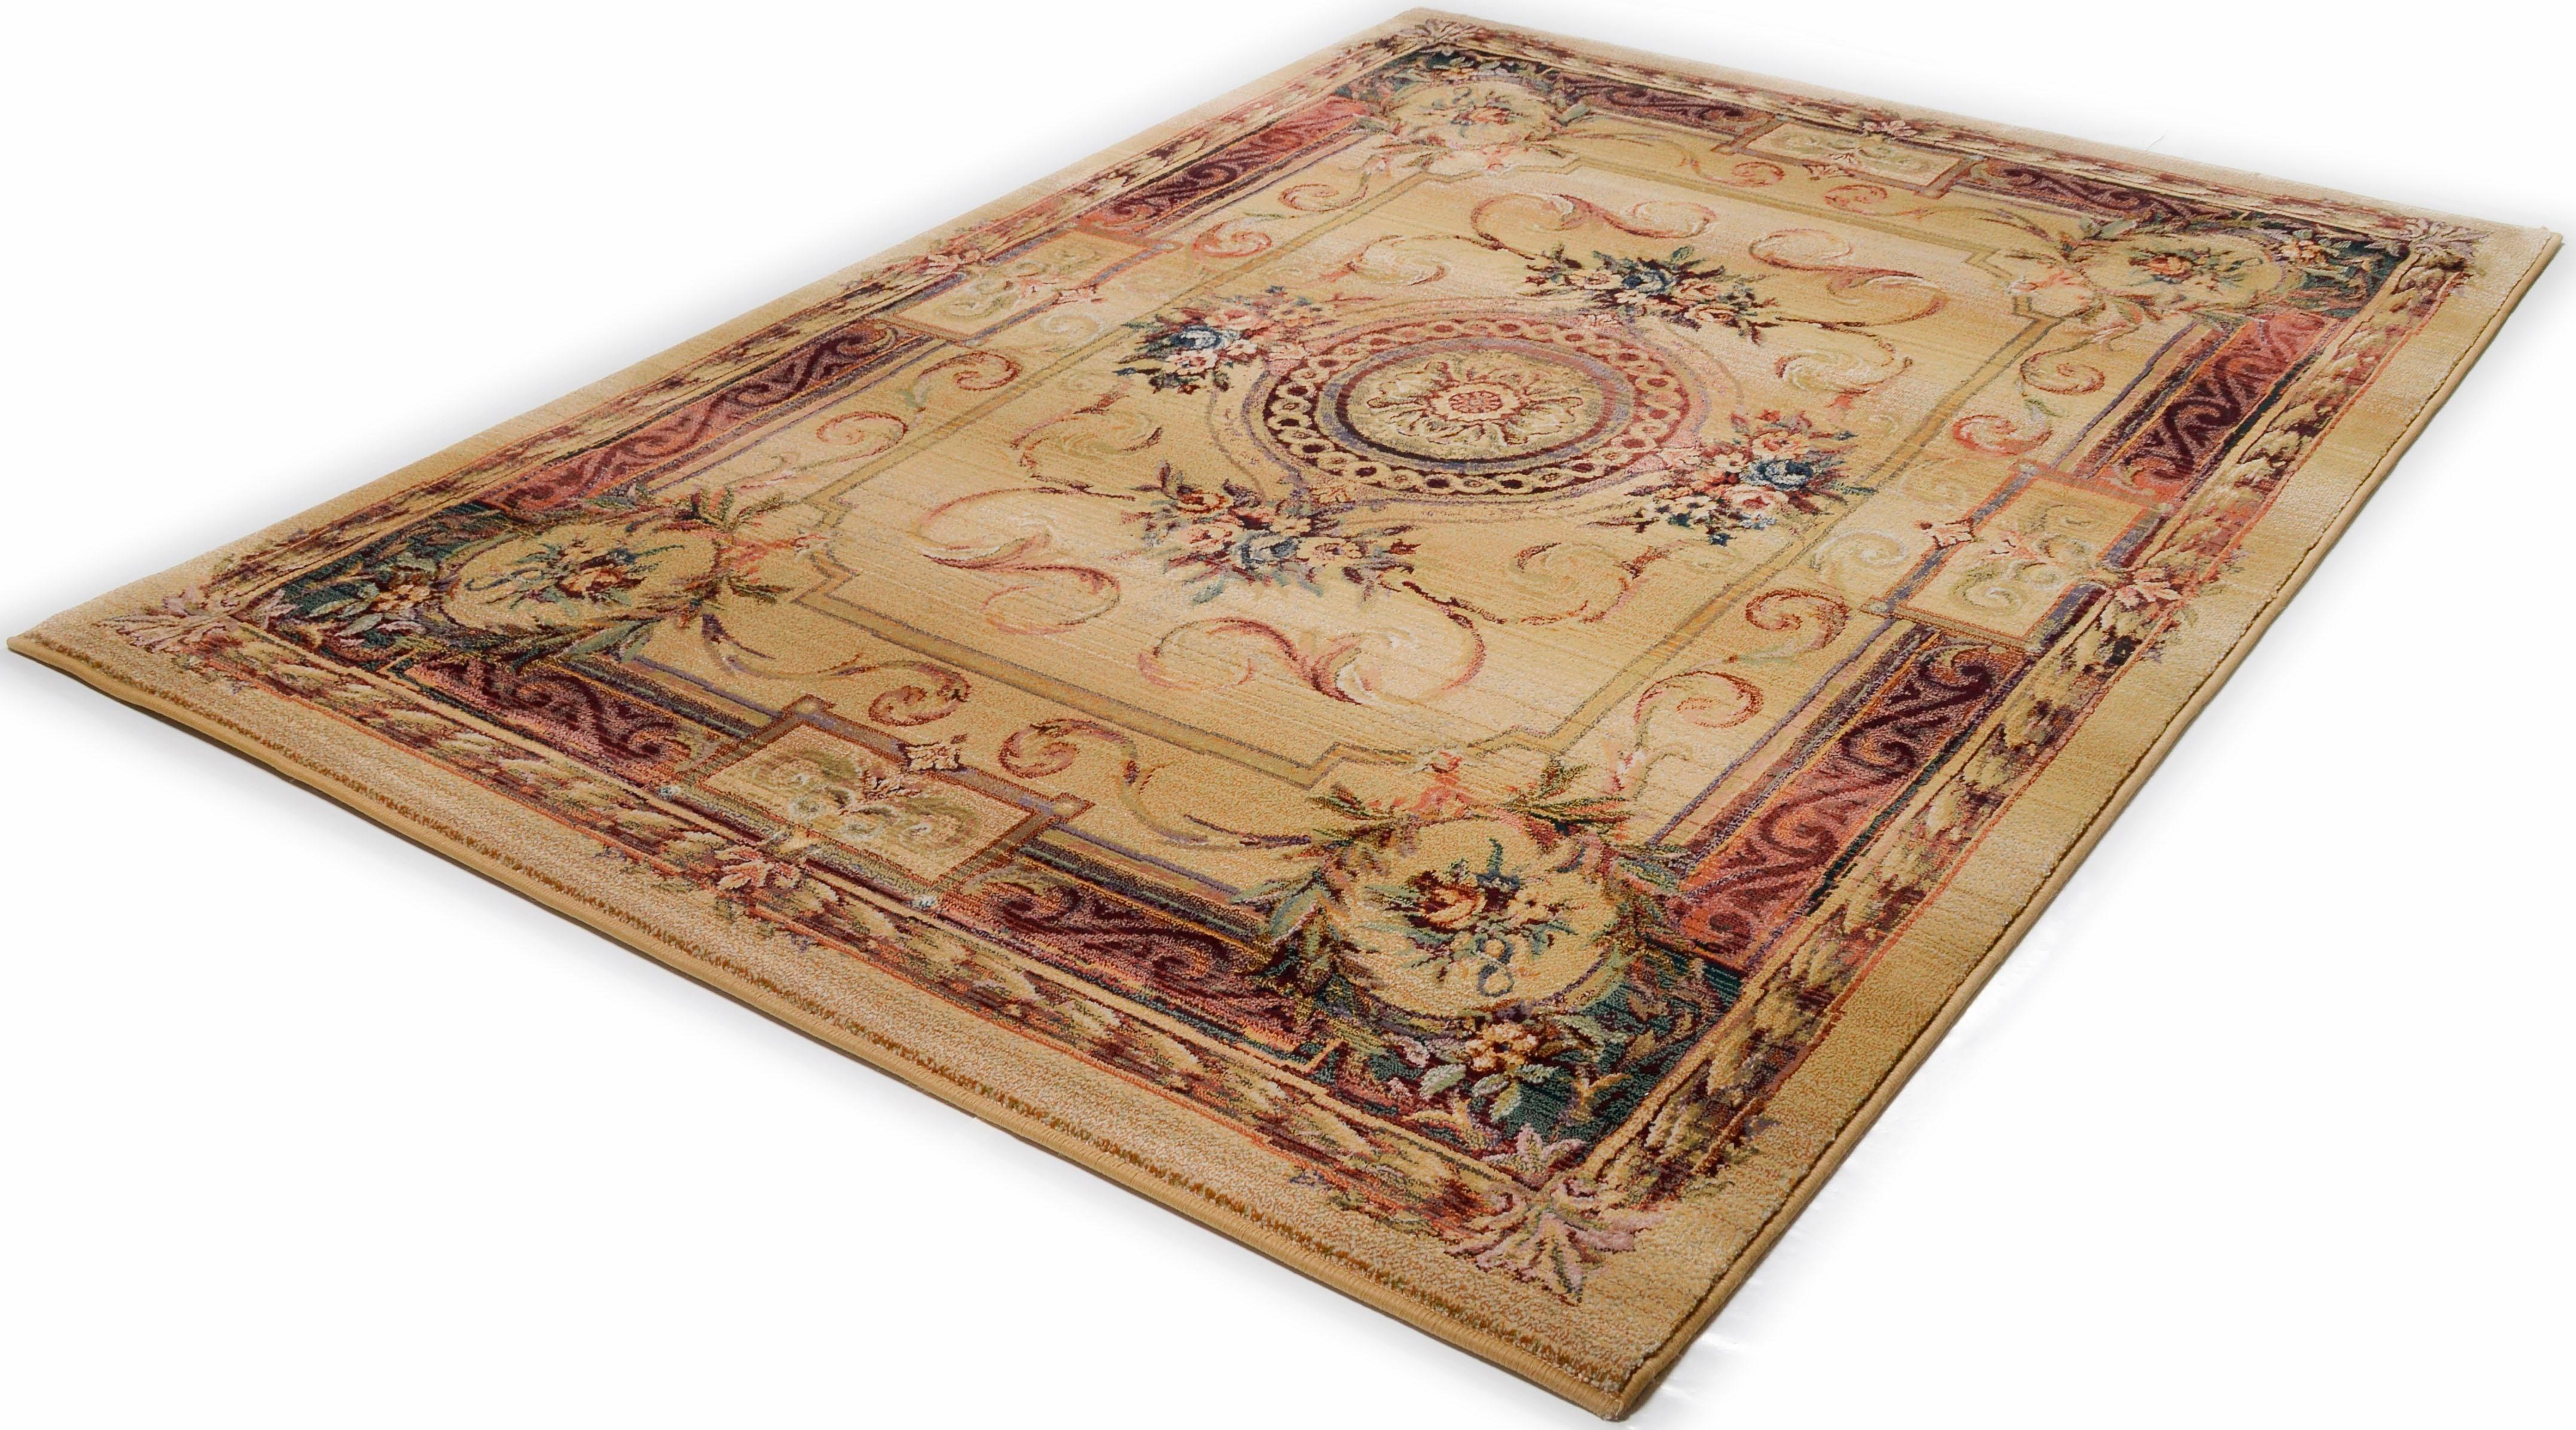 Orientteppich »Gabiro 856«, Oriental Weavers, rechteckig, Höhe 12 mm, Melange-Effekt | Heimtextilien > Teppiche > Orientteppiche | Oriental Weavers